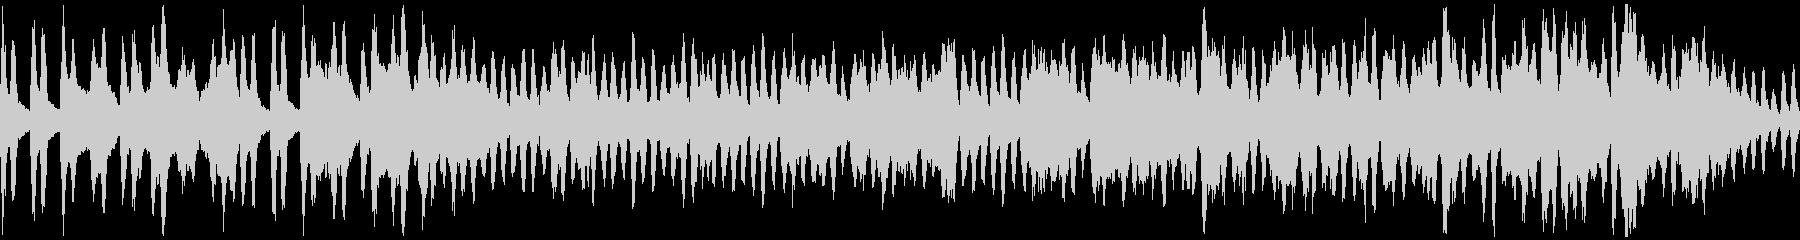 【リズム抜/ループ】優雅な雰囲気のワルツの未再生の波形